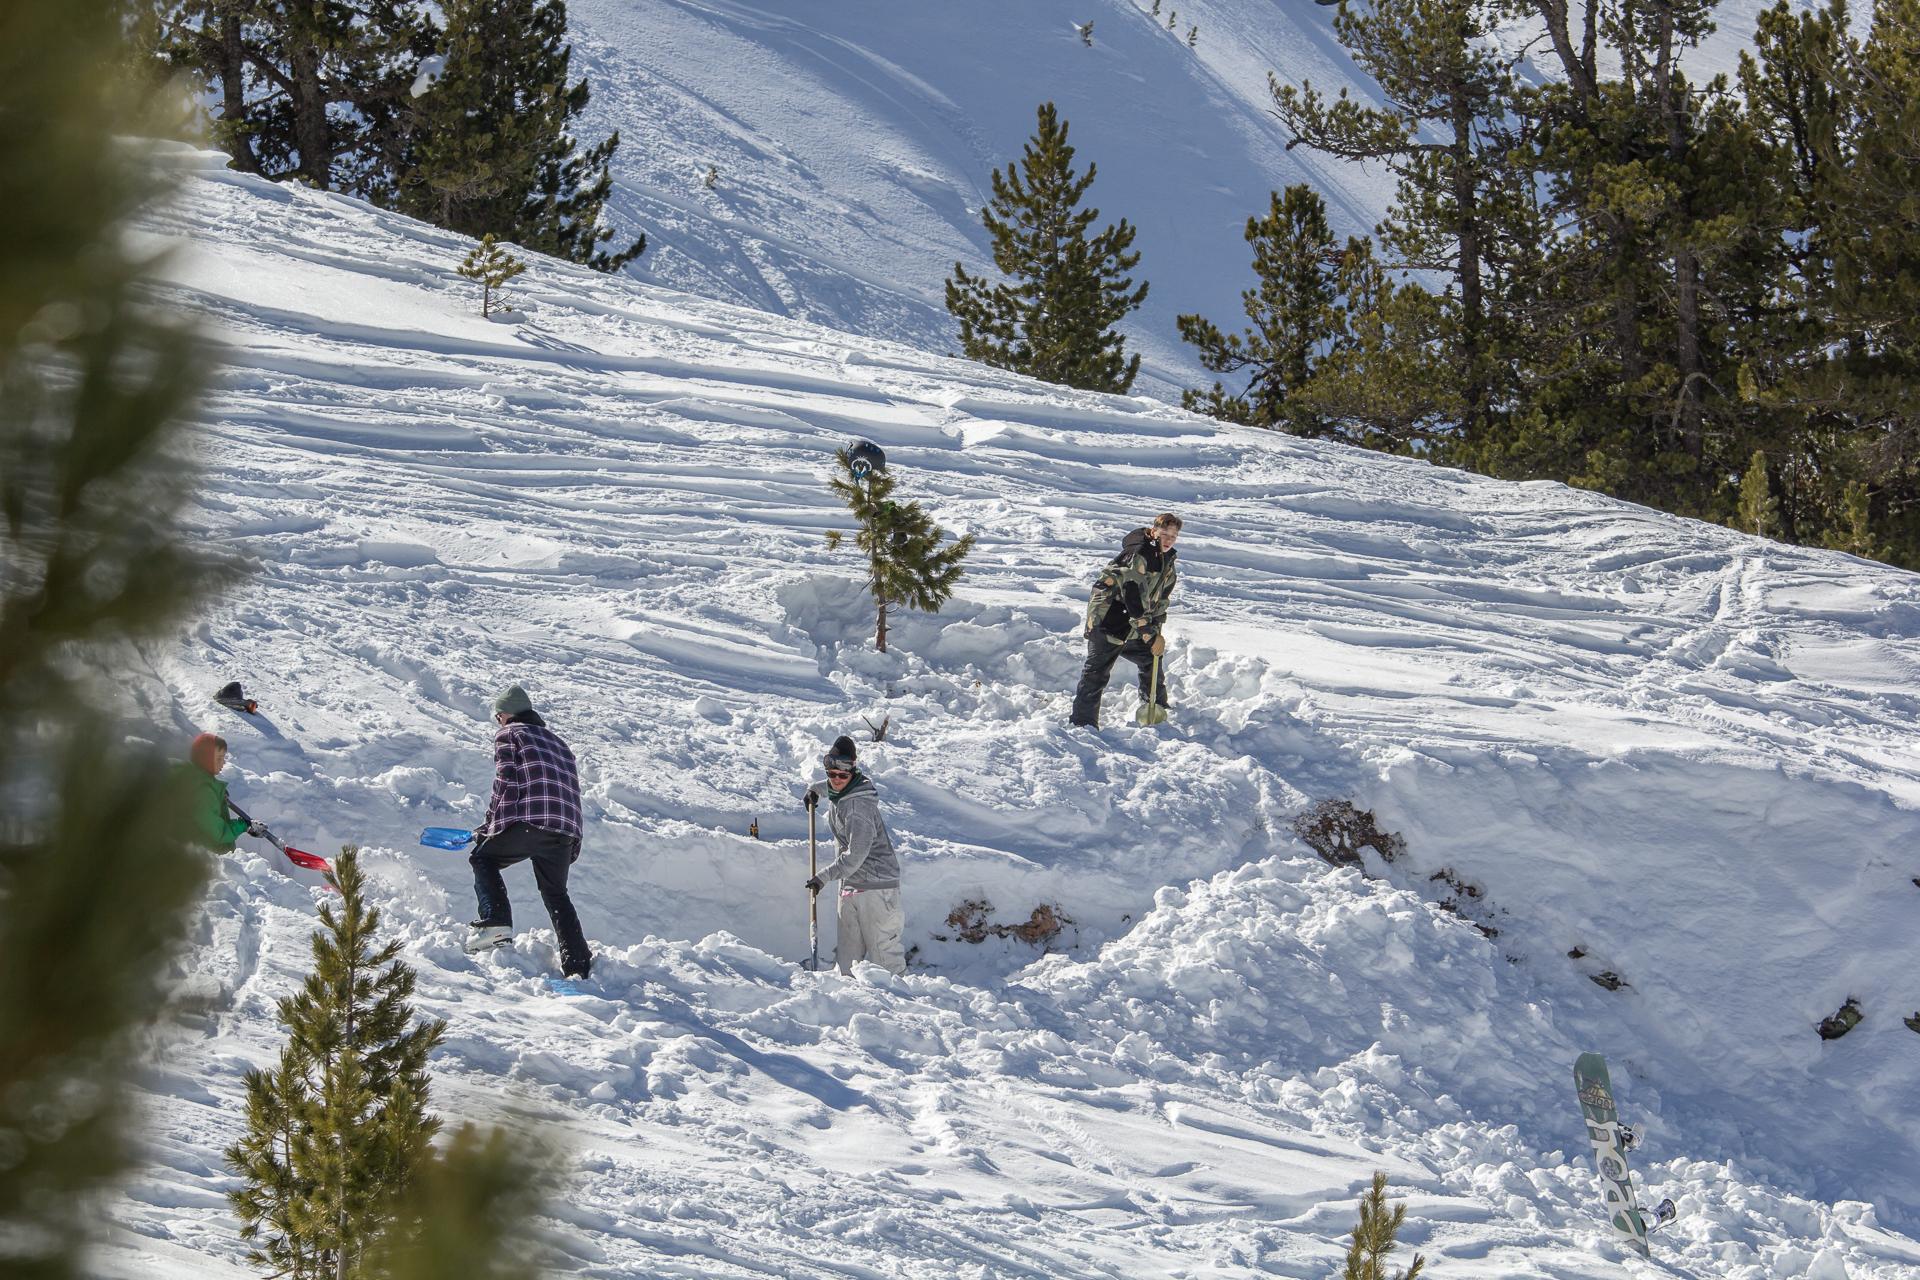 ... hatten die Jungs im Backcountry ihre Schaufeln in der Hand und zauberten Sidehits in den Schnee.